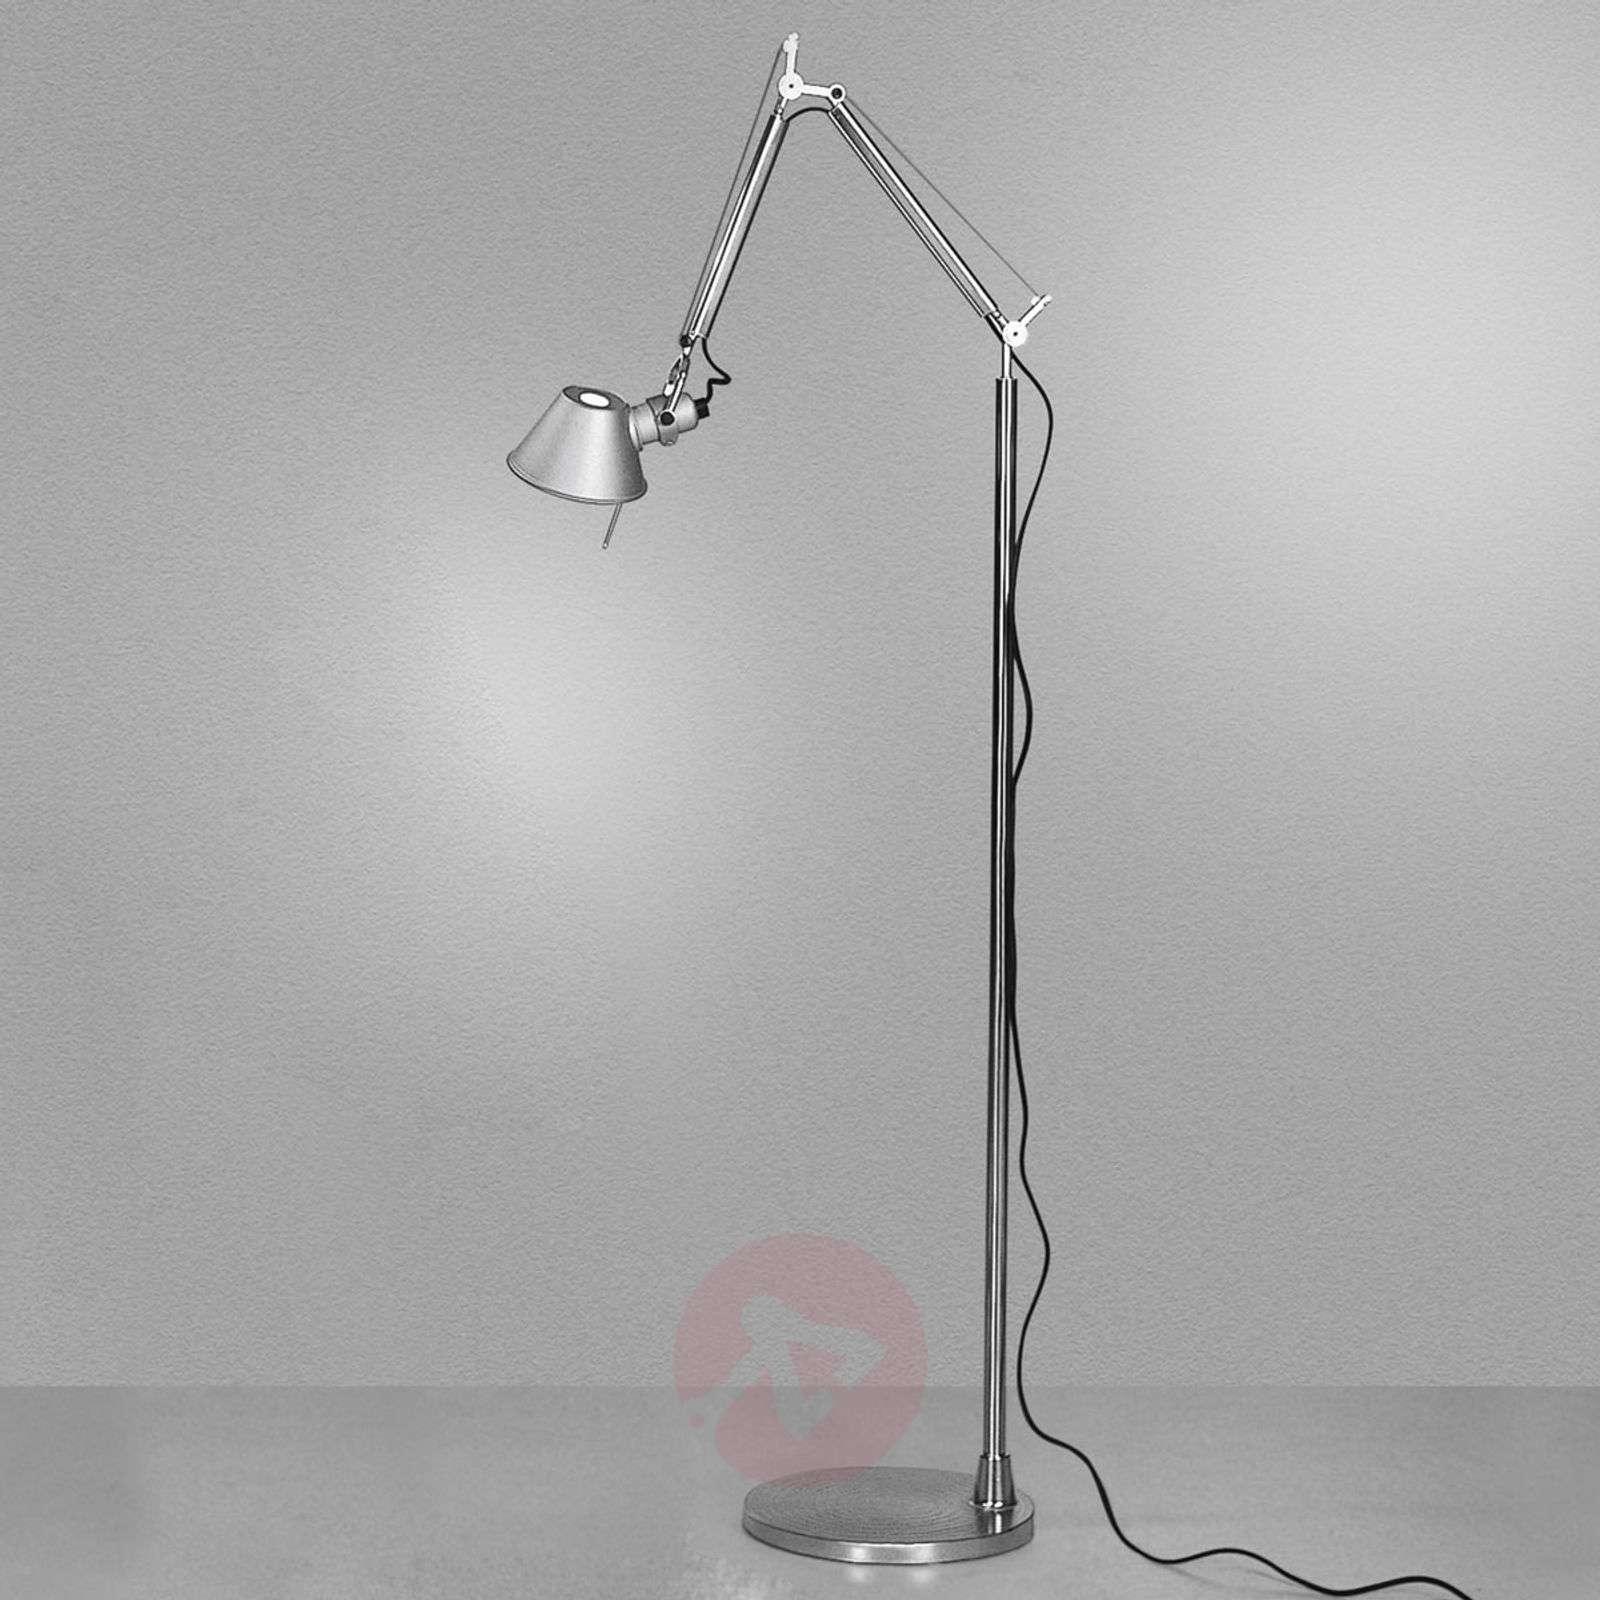 Tolomeo Micro minimalistic designer floor lamp-1060094-01